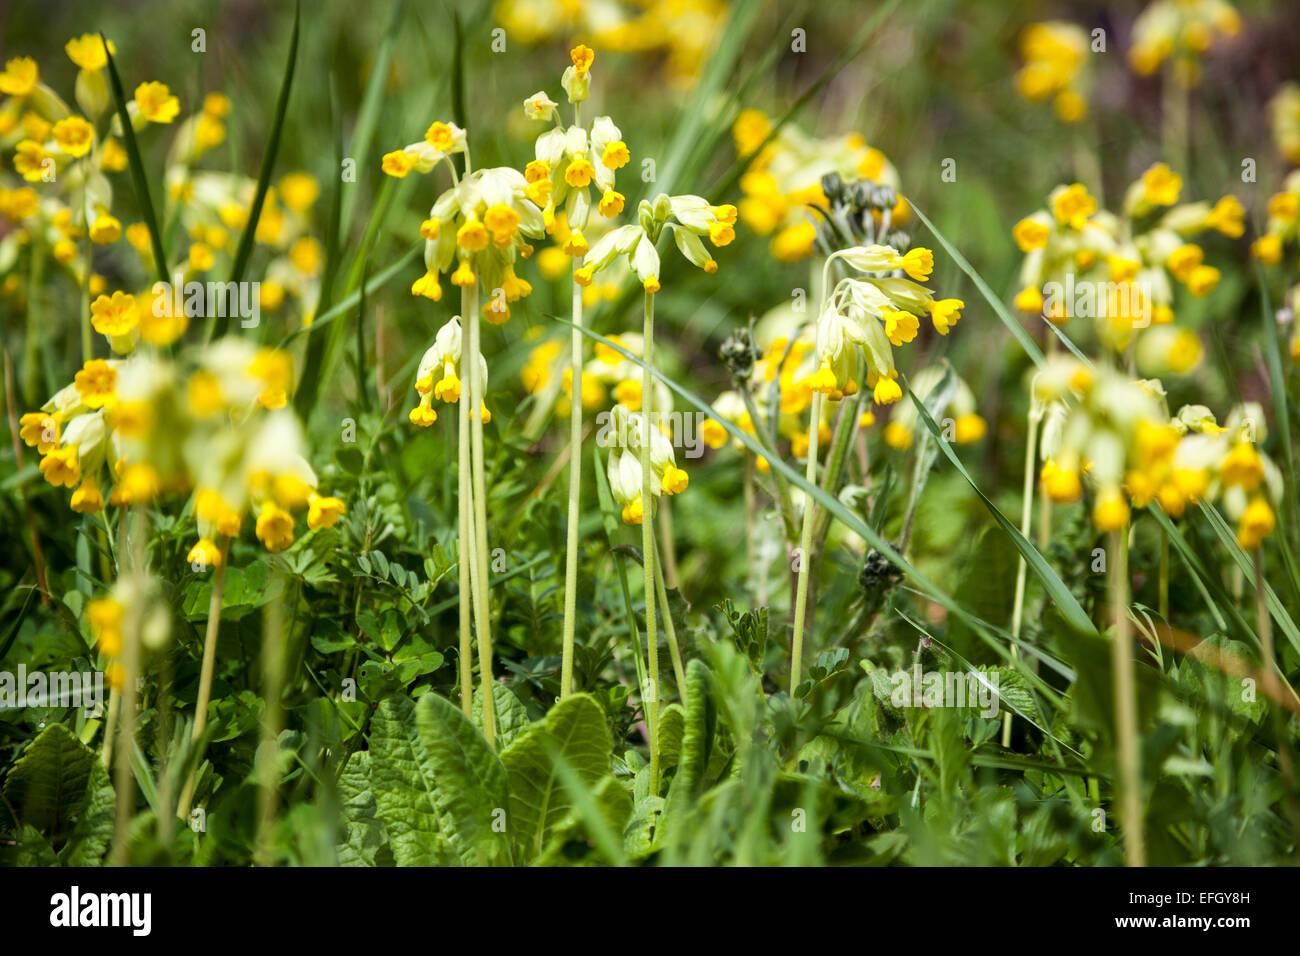 Primula veris (Common cowslip) Stock Photo